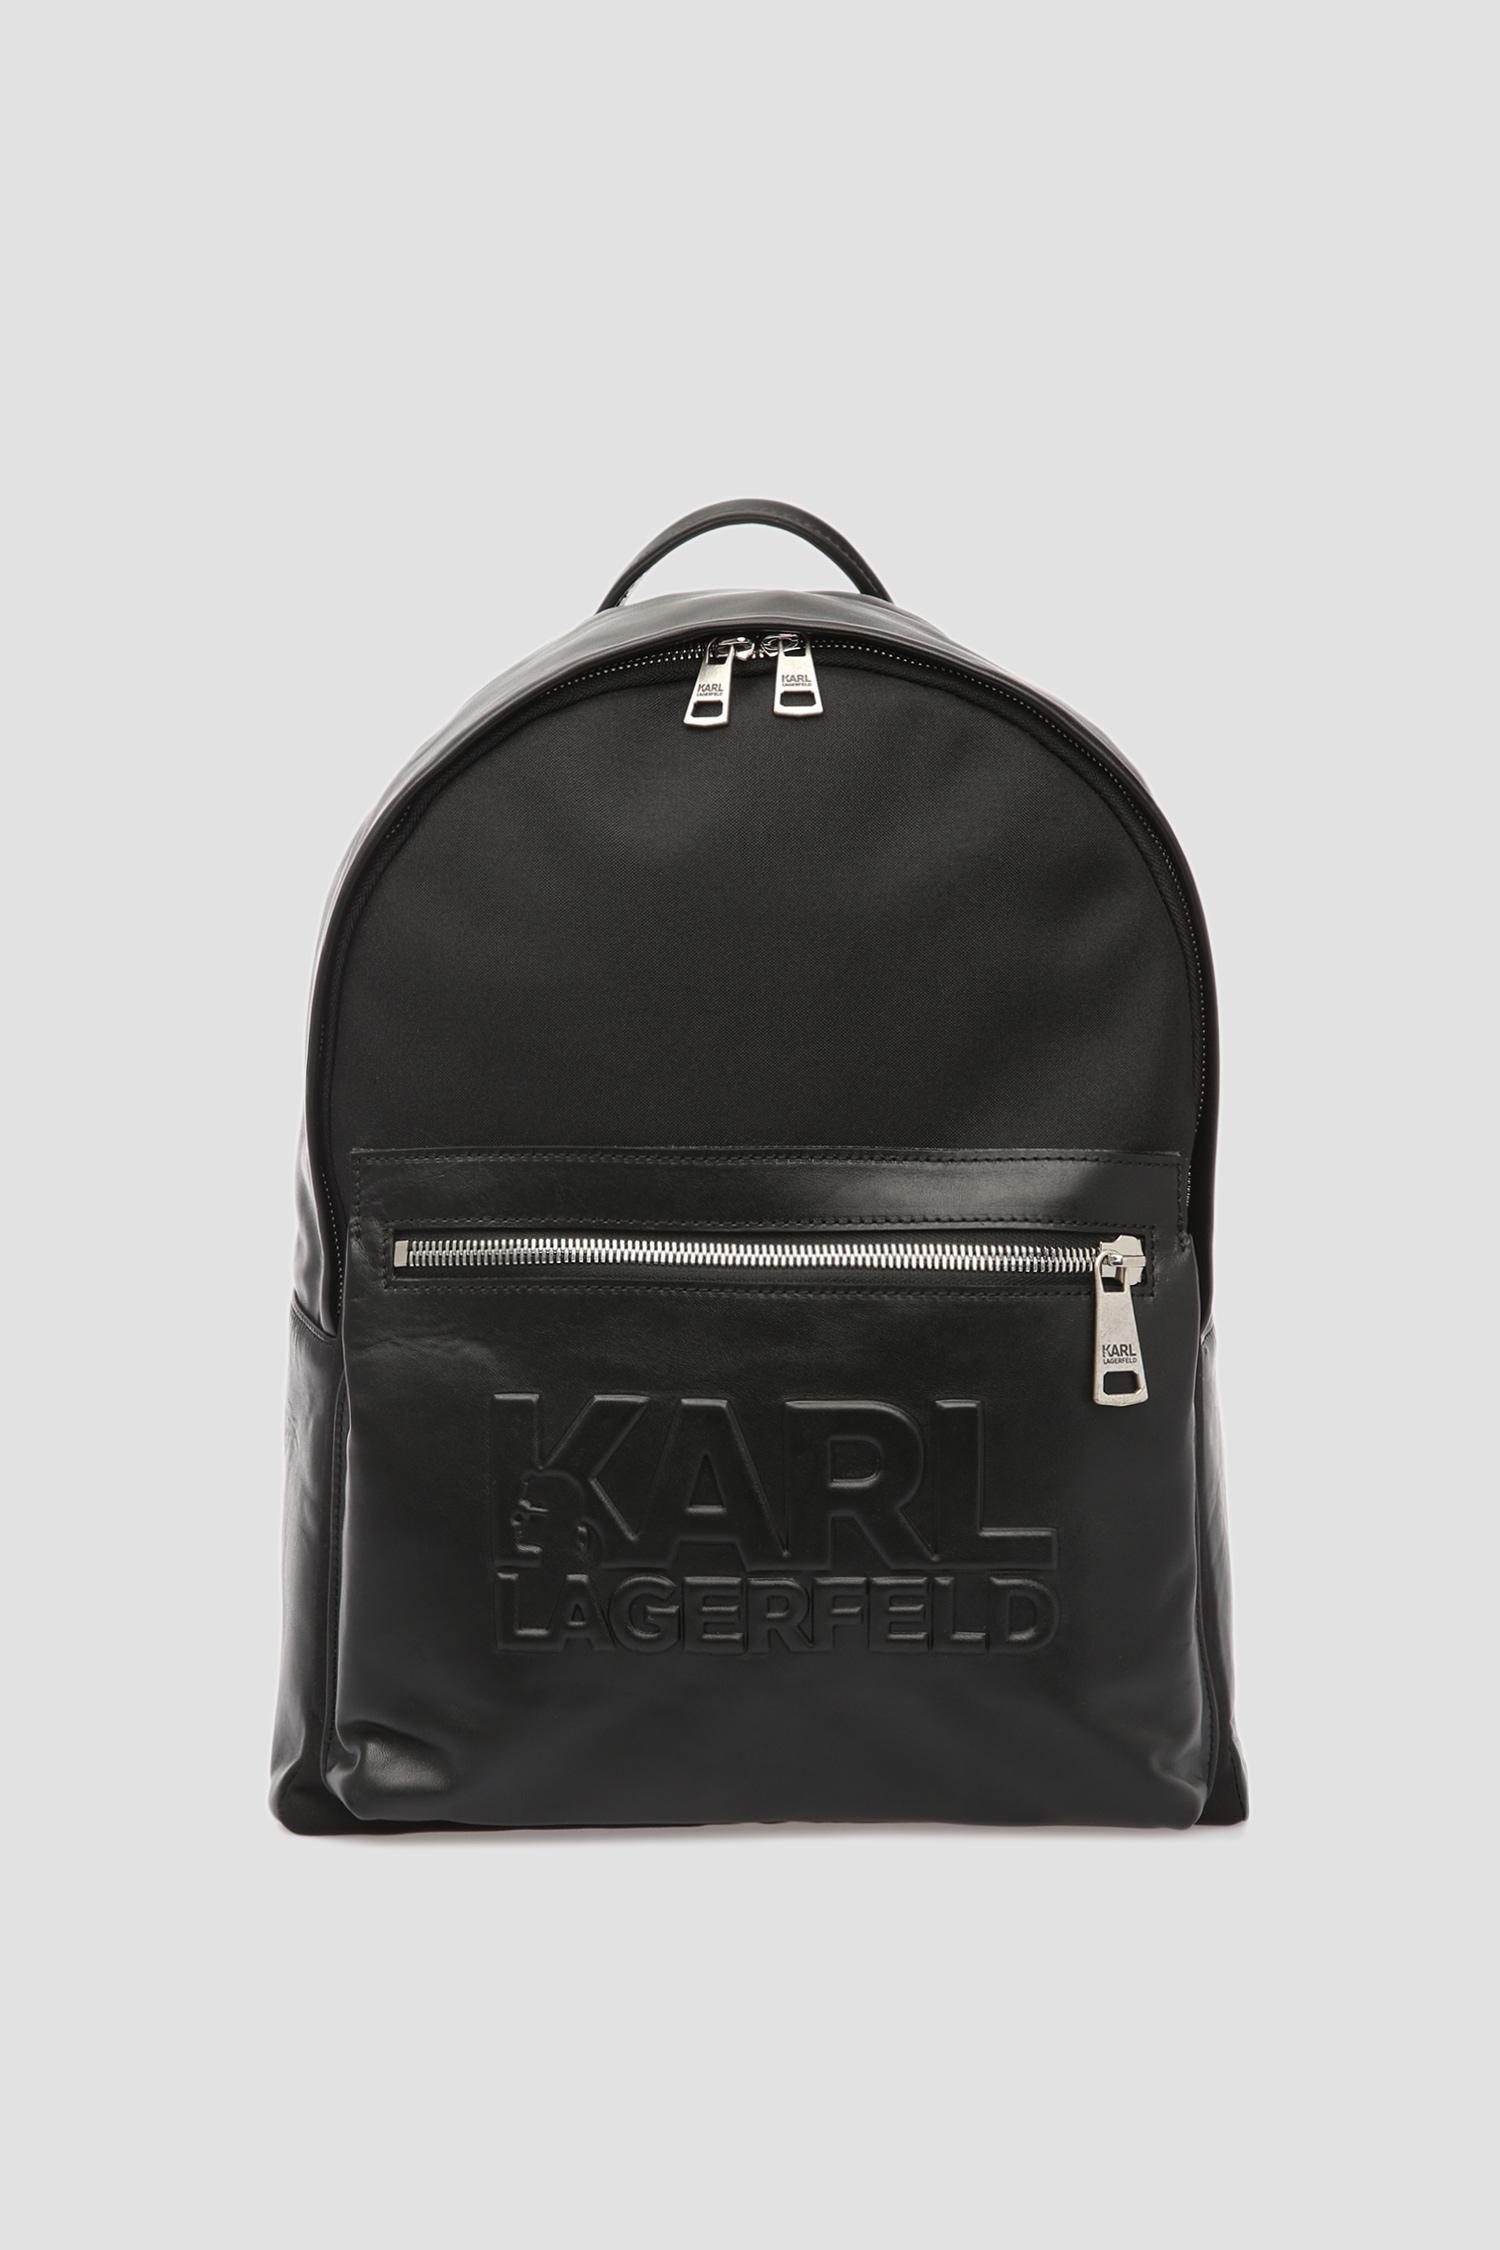 Чоловічий чорний шкіряний рюкзак Karl Lagerfeld 591450.815901;990